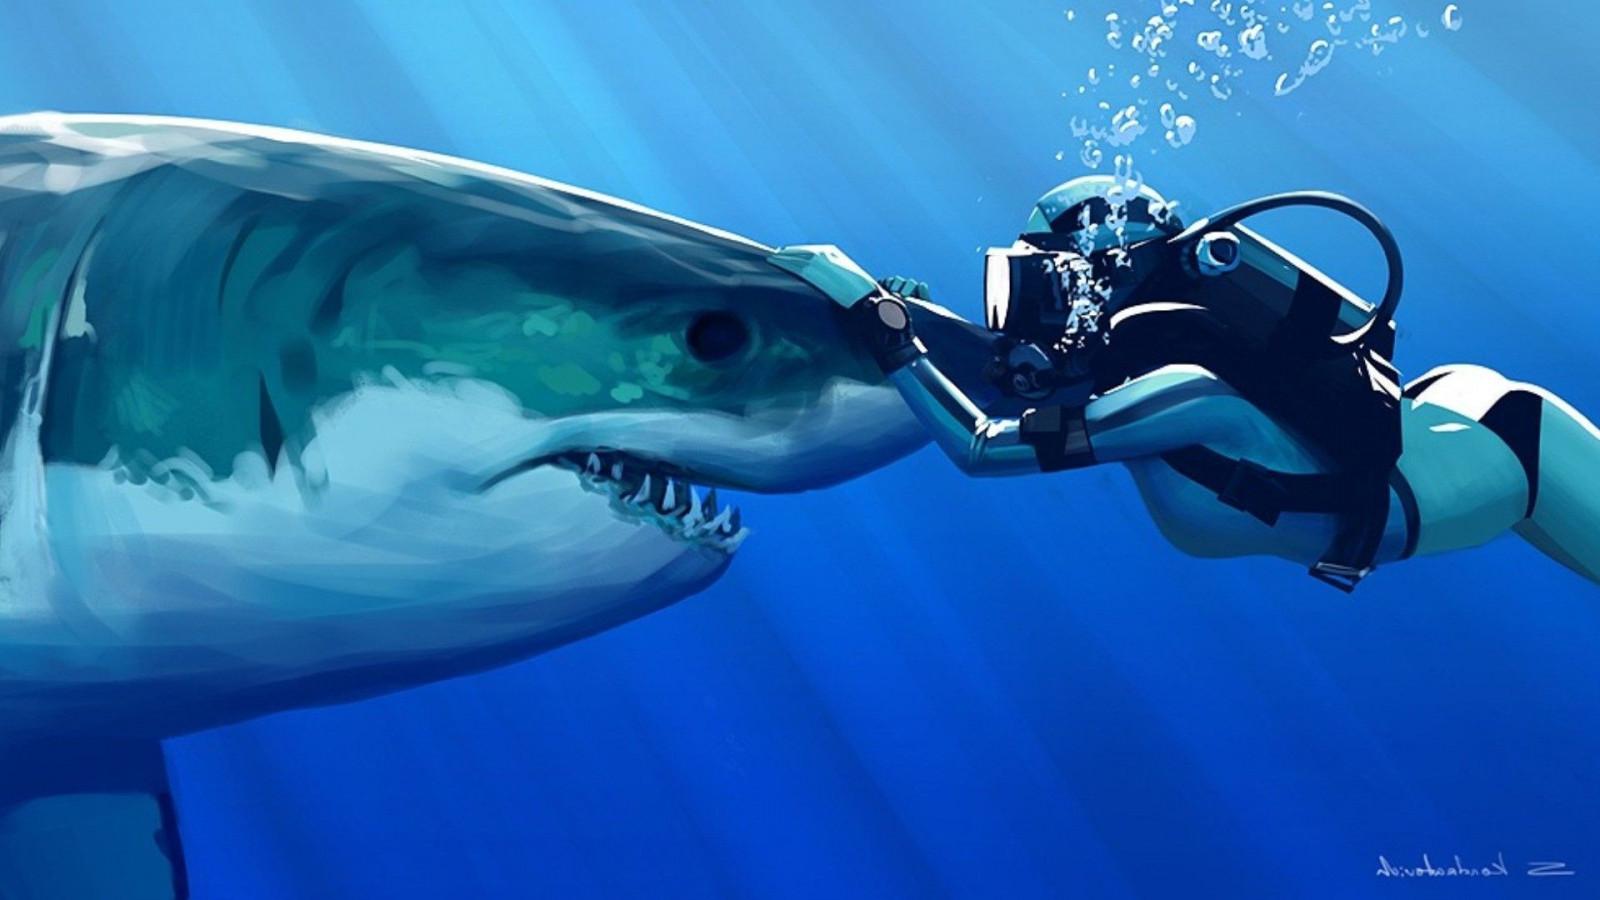 Papel De Parede 1920x1080 Px Playerunknowns: Papel De Parede : Tubarão, Embaixo Da Agua, Grande Tubarão